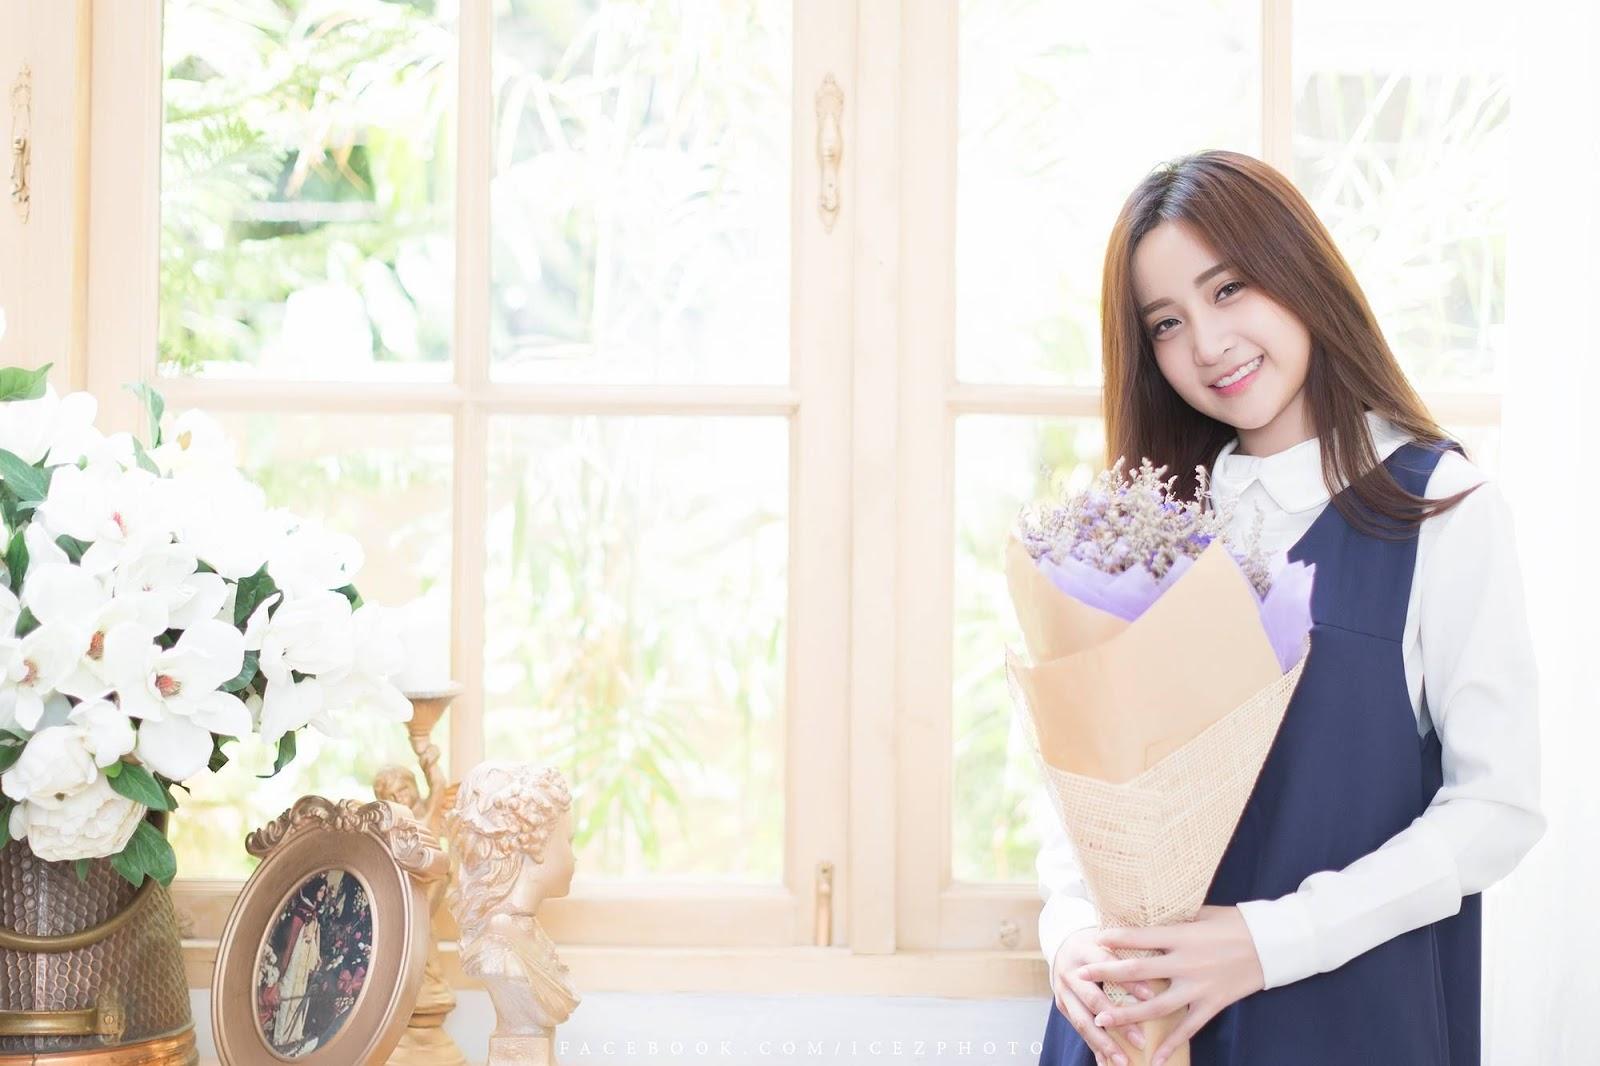 Thailand Hot Girl - Thanyarat Charoenpornkittada - Welcome to my world - TruePic.net - Picture 3